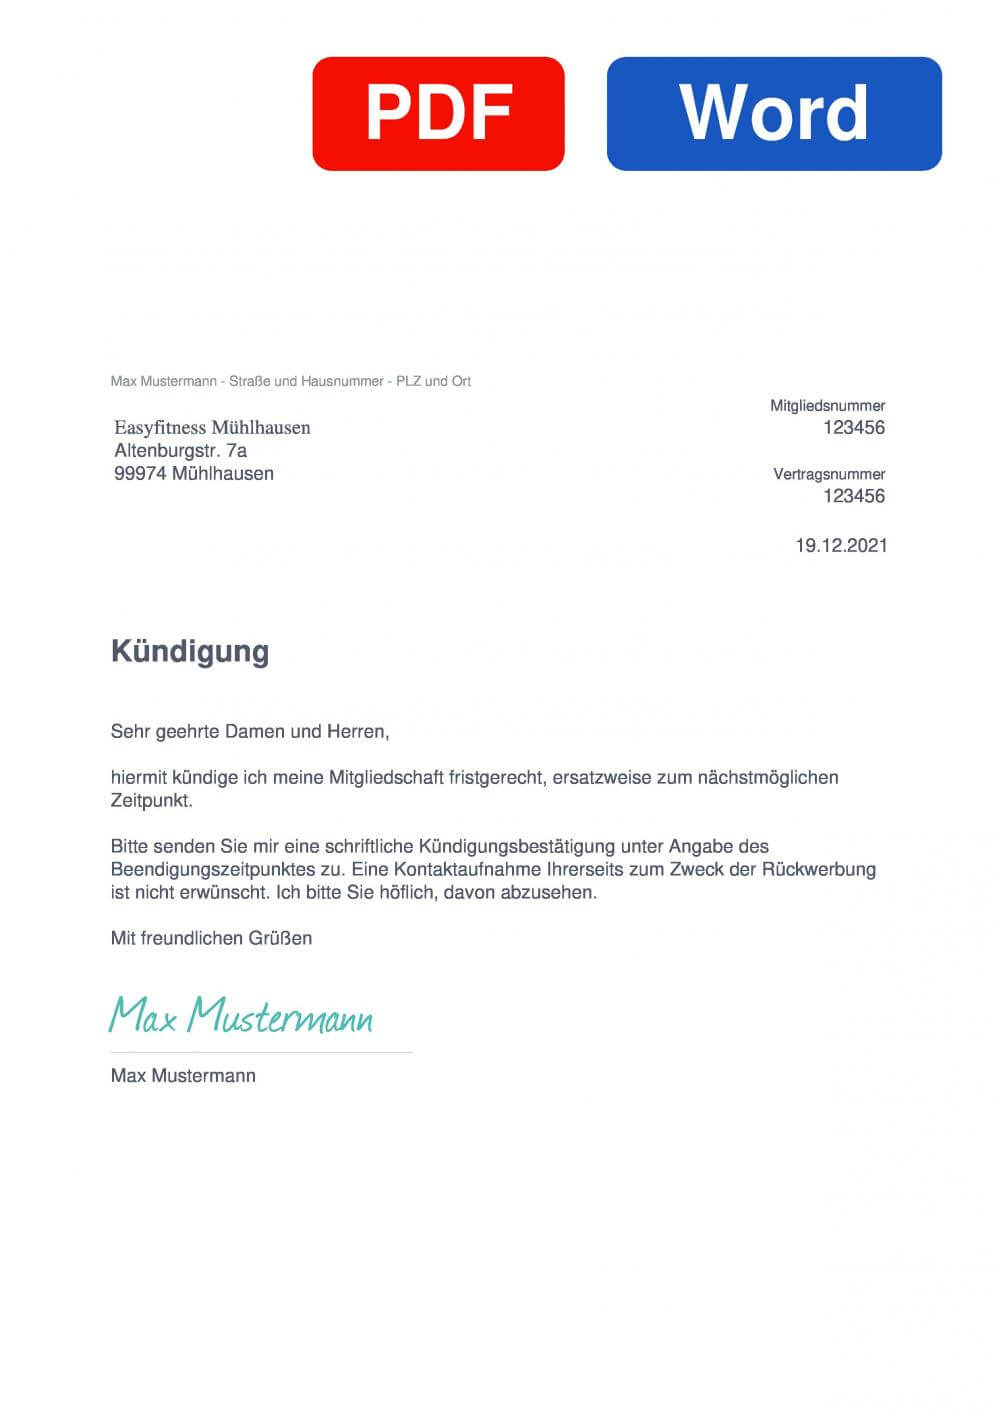 EASYFITNESS Mühlhausen Muster Vorlage für Kündigungsschreiben